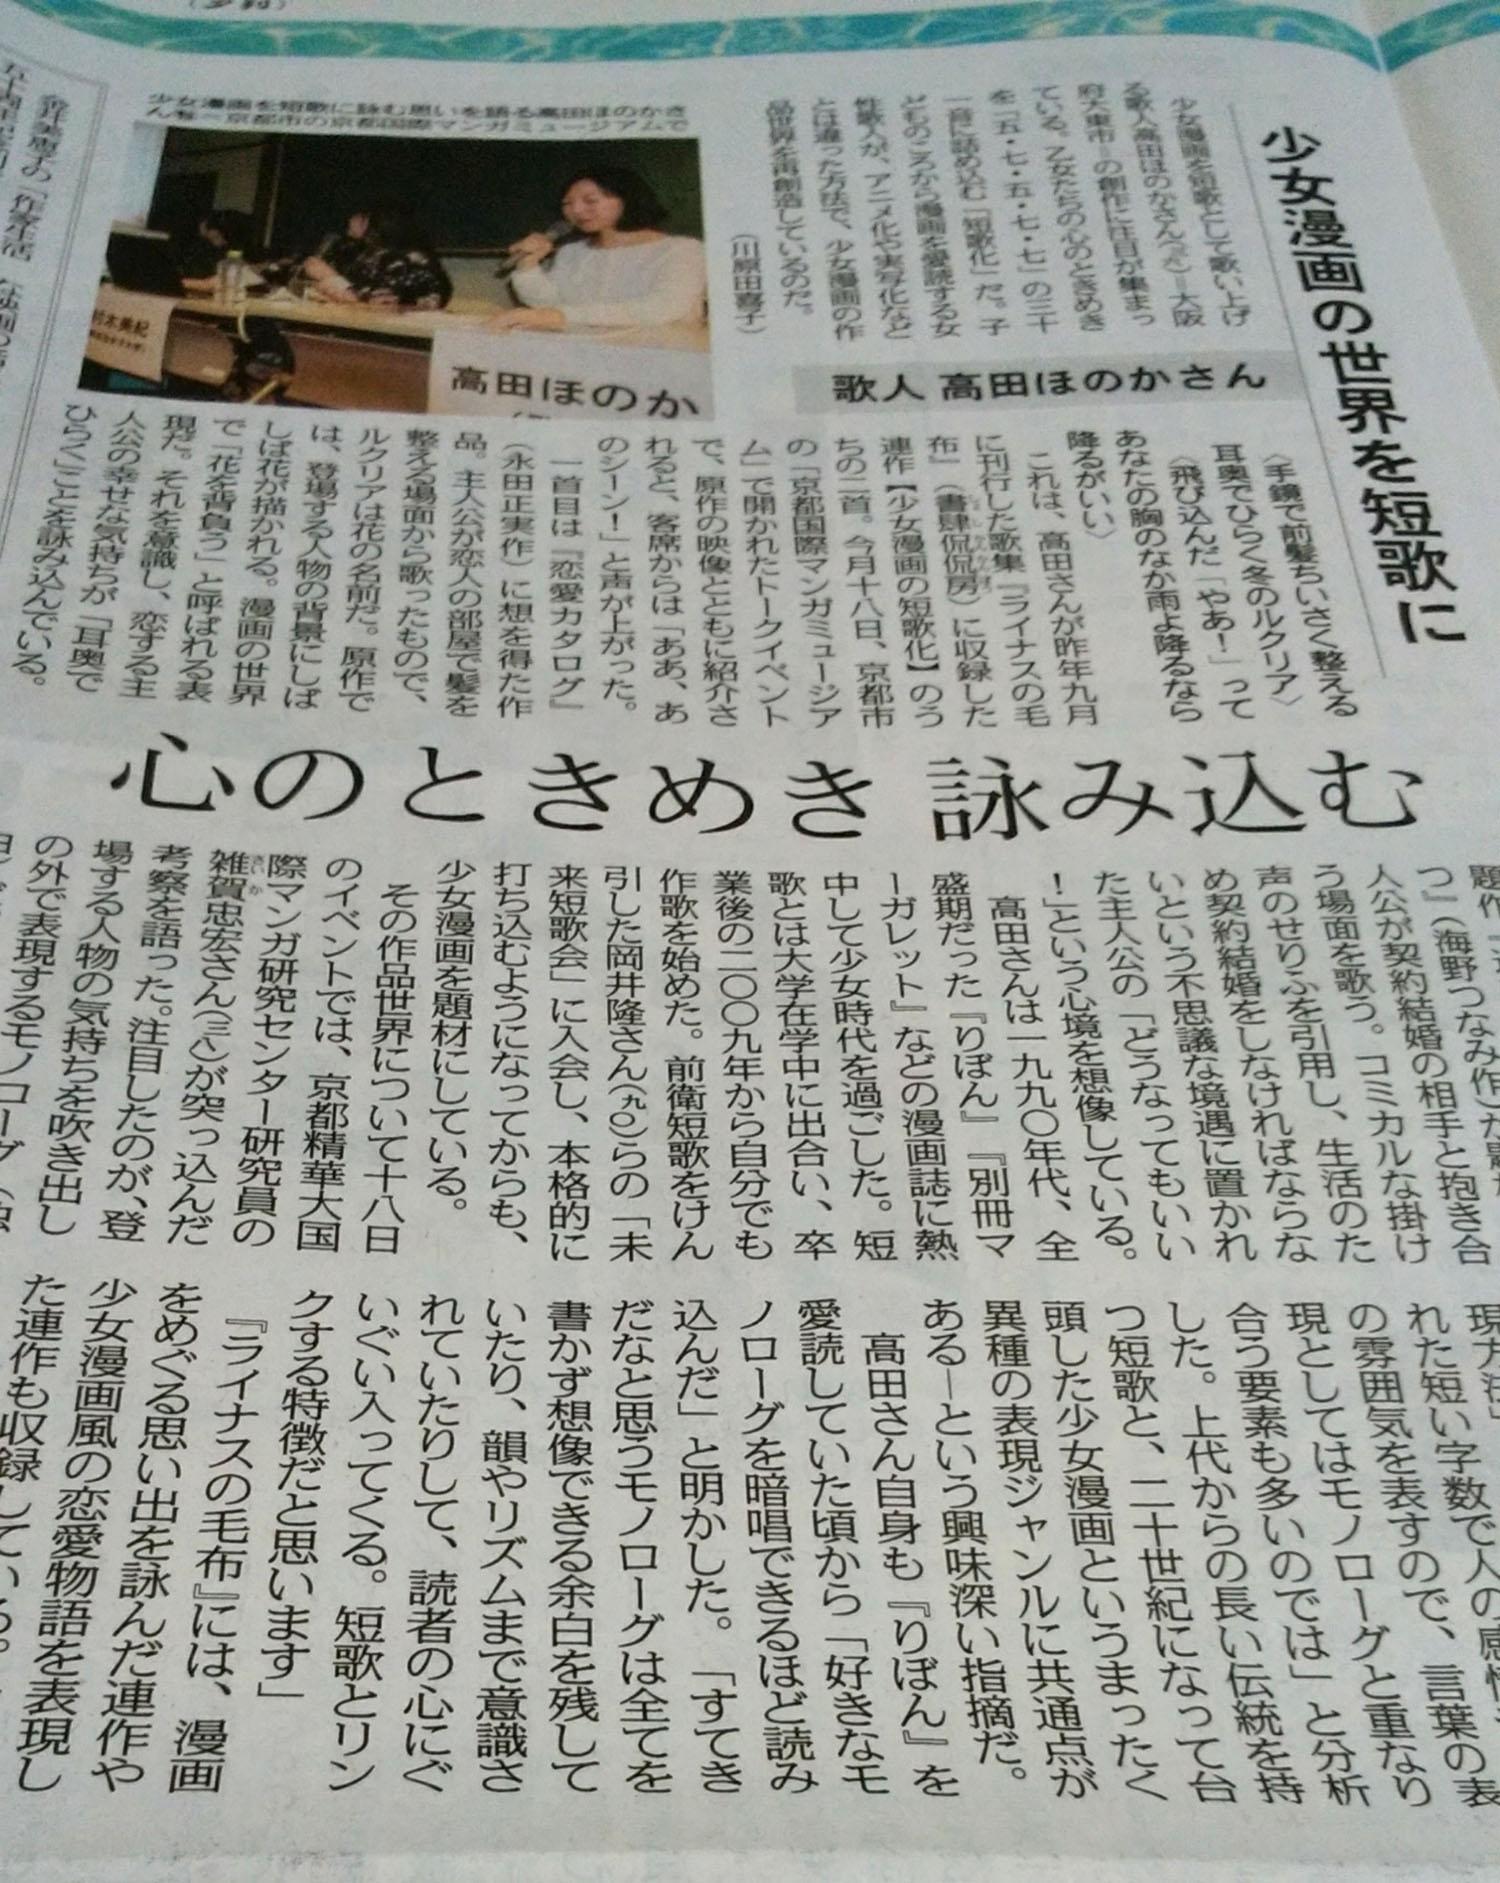 2018年3月 中日新聞に、京都国際マンガミュージアムでの対談、 〈少女マンガ〉的世界を詠む —少女マンガにおけるモノローグと短歌—  を取り上げていただきました。